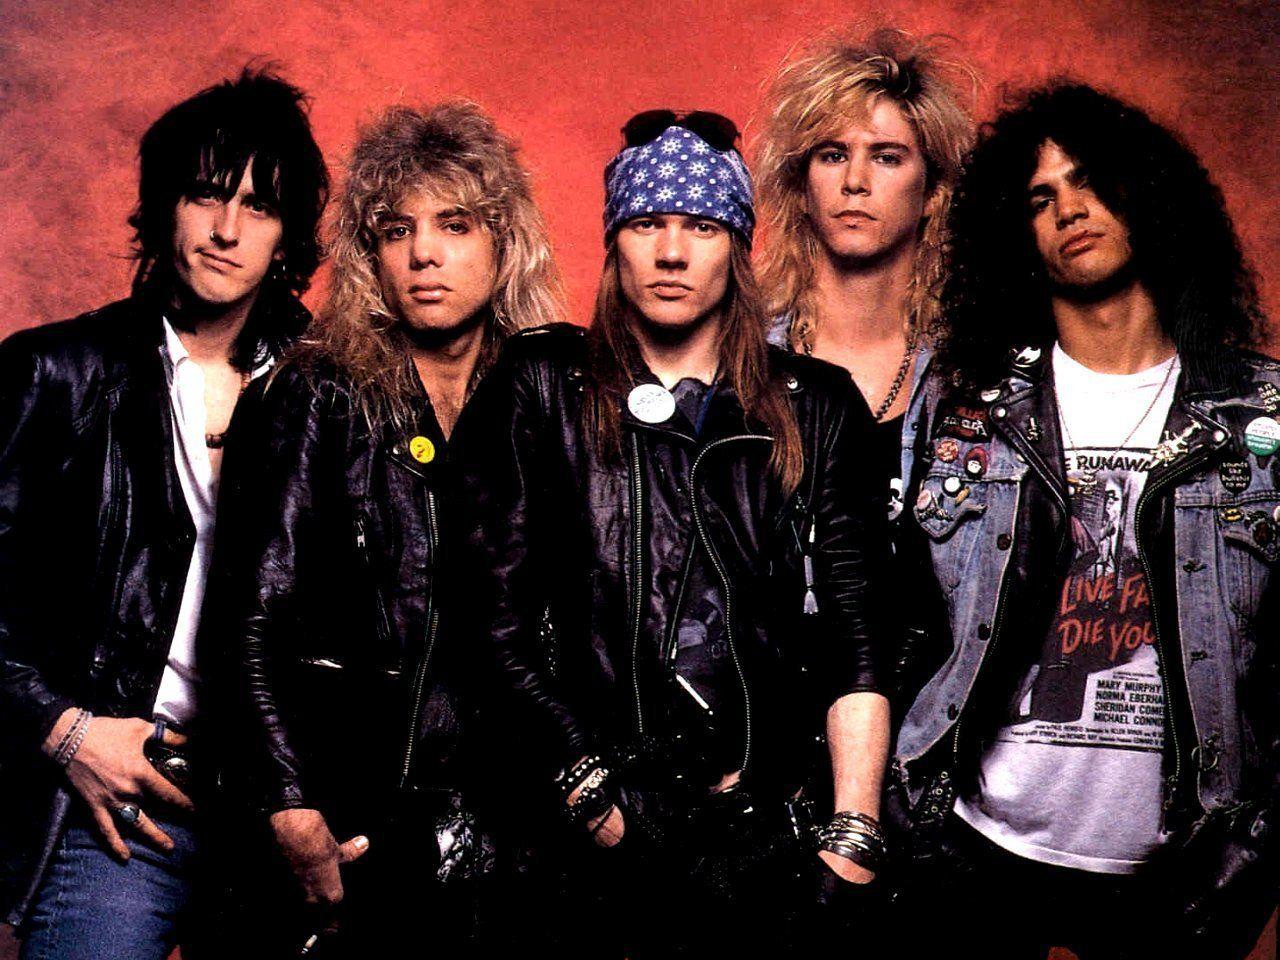 Después de 22 años, vuelven los Guns n Roses con su formación clásica